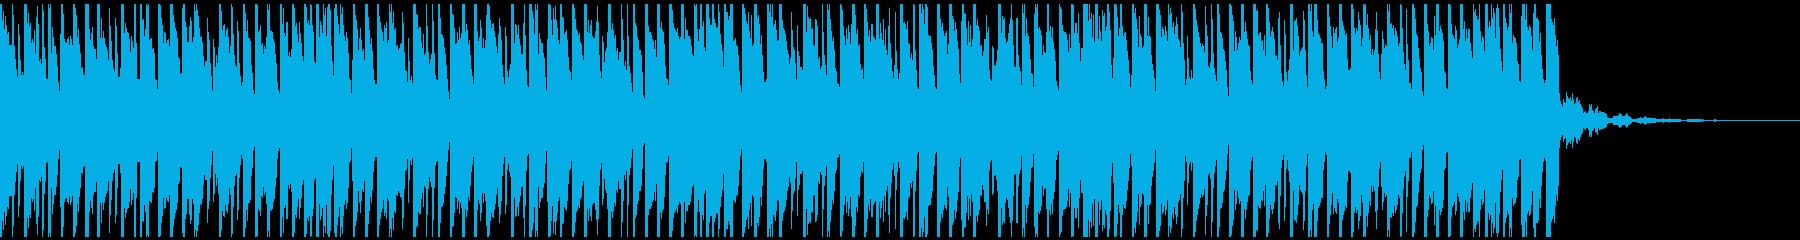 フィットネスモチベーション(30秒)の再生済みの波形